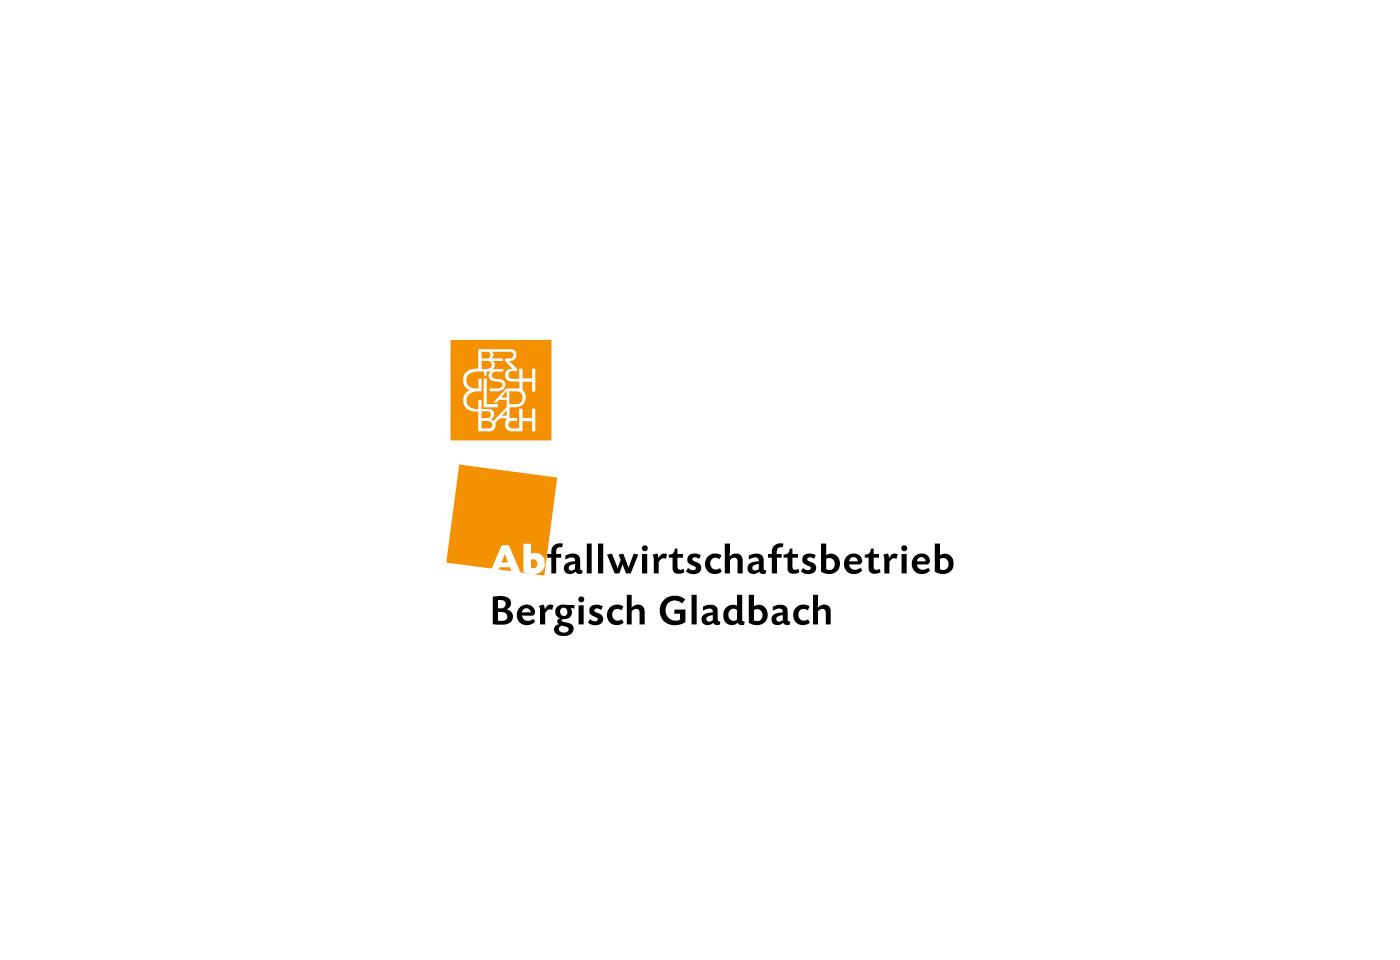 Abfallwirtschaftsbetrieb Bergisch Gladbach